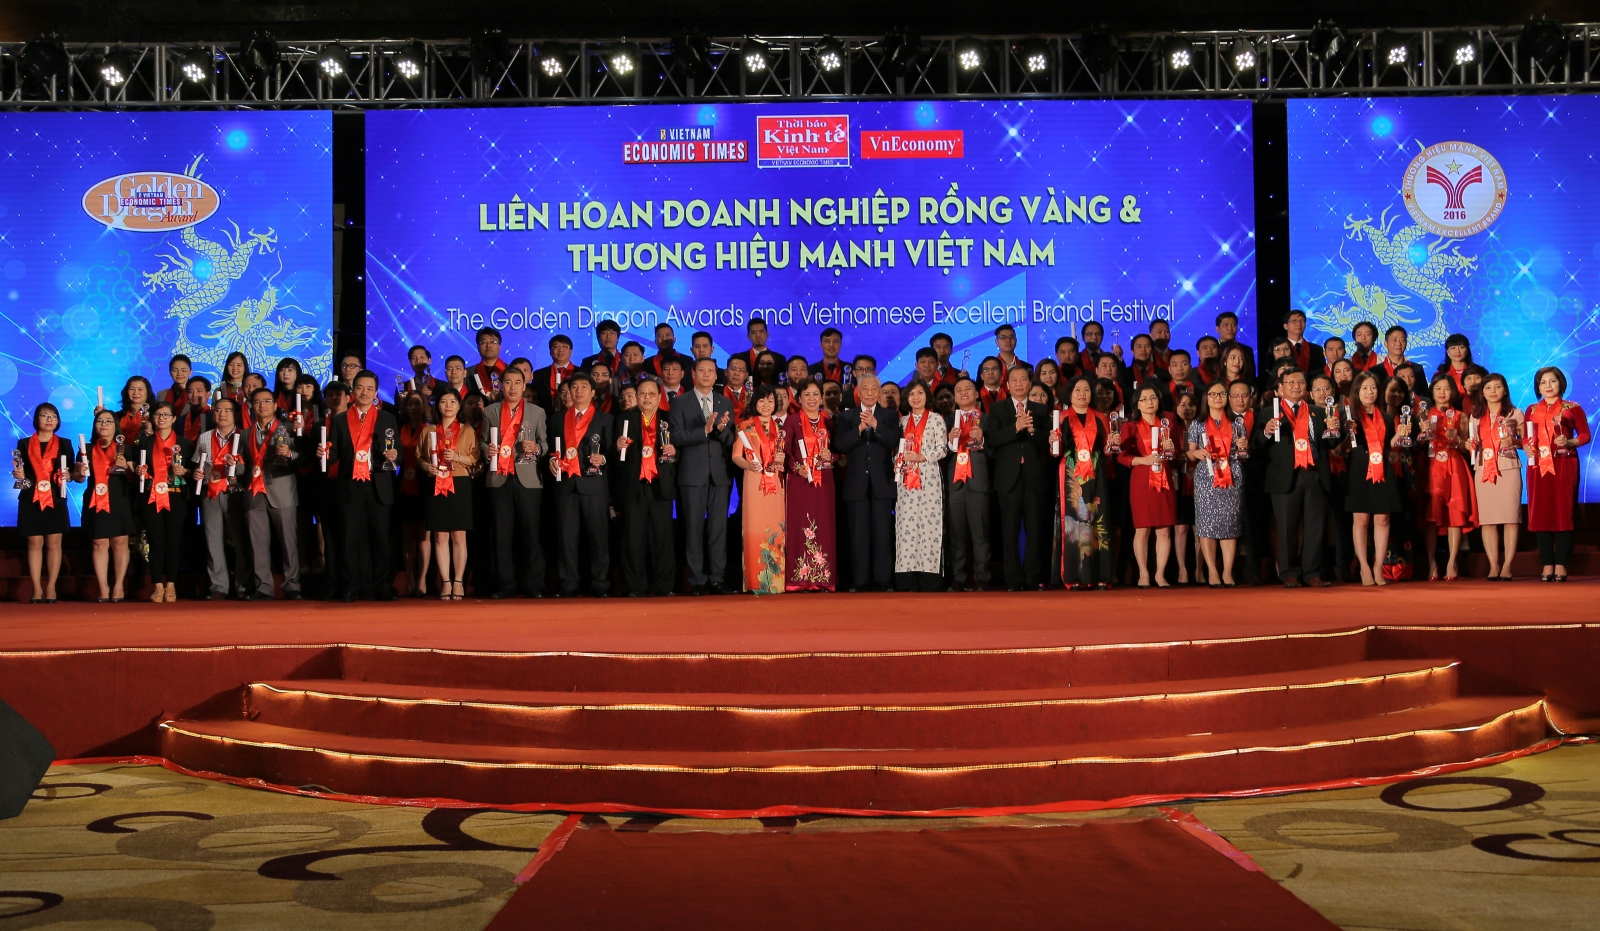 Vạn Xuân nhận giải thưởng tại Liên hoan doanh nghiệp Rồng Vàng và Thương hiệu mạnh Việt Nam 2016-2017